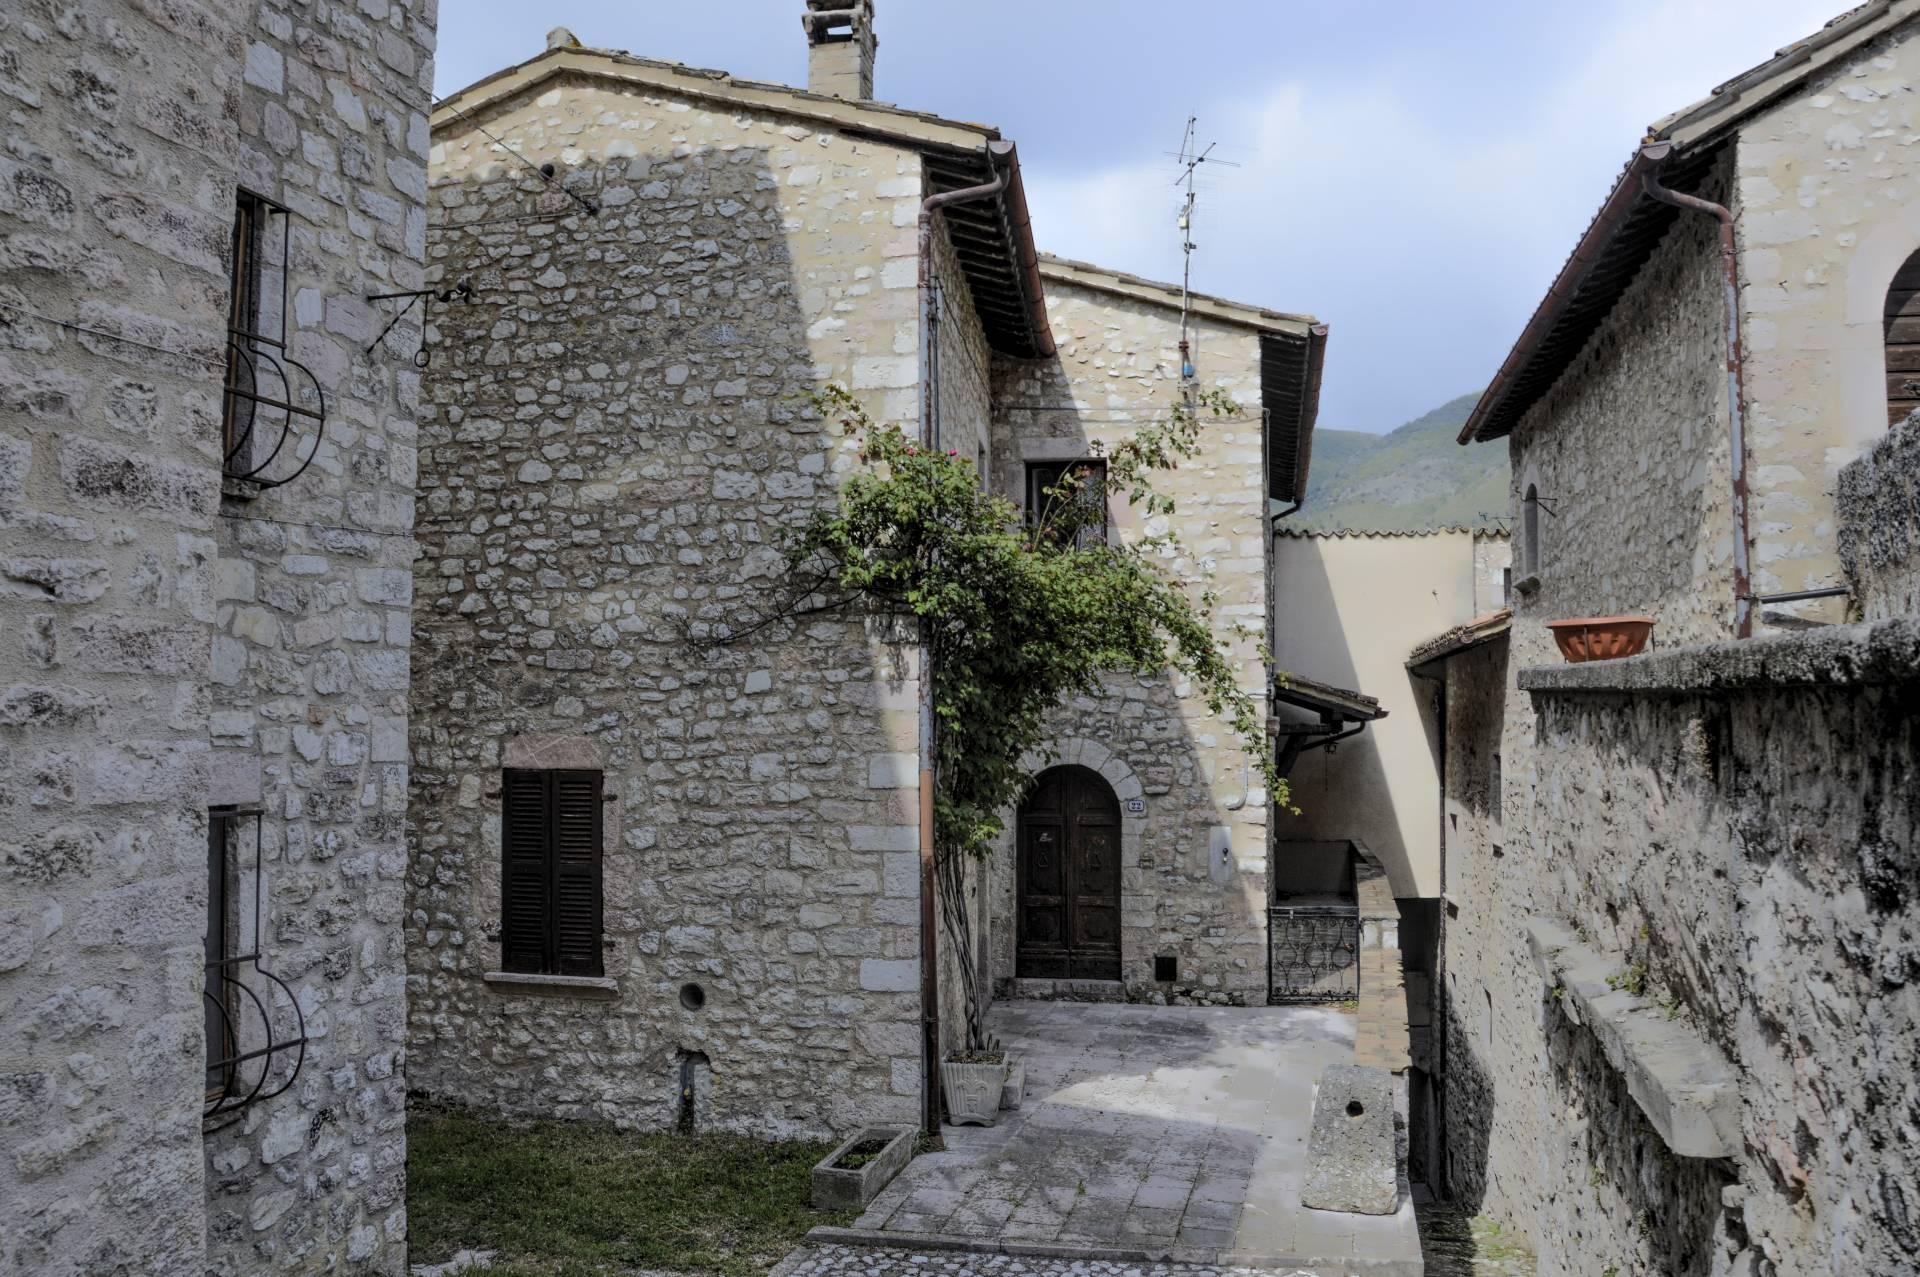 Rustico / Casale in vendita a Vallo di Nera, 5 locali, prezzo € 90.000   CambioCasa.it